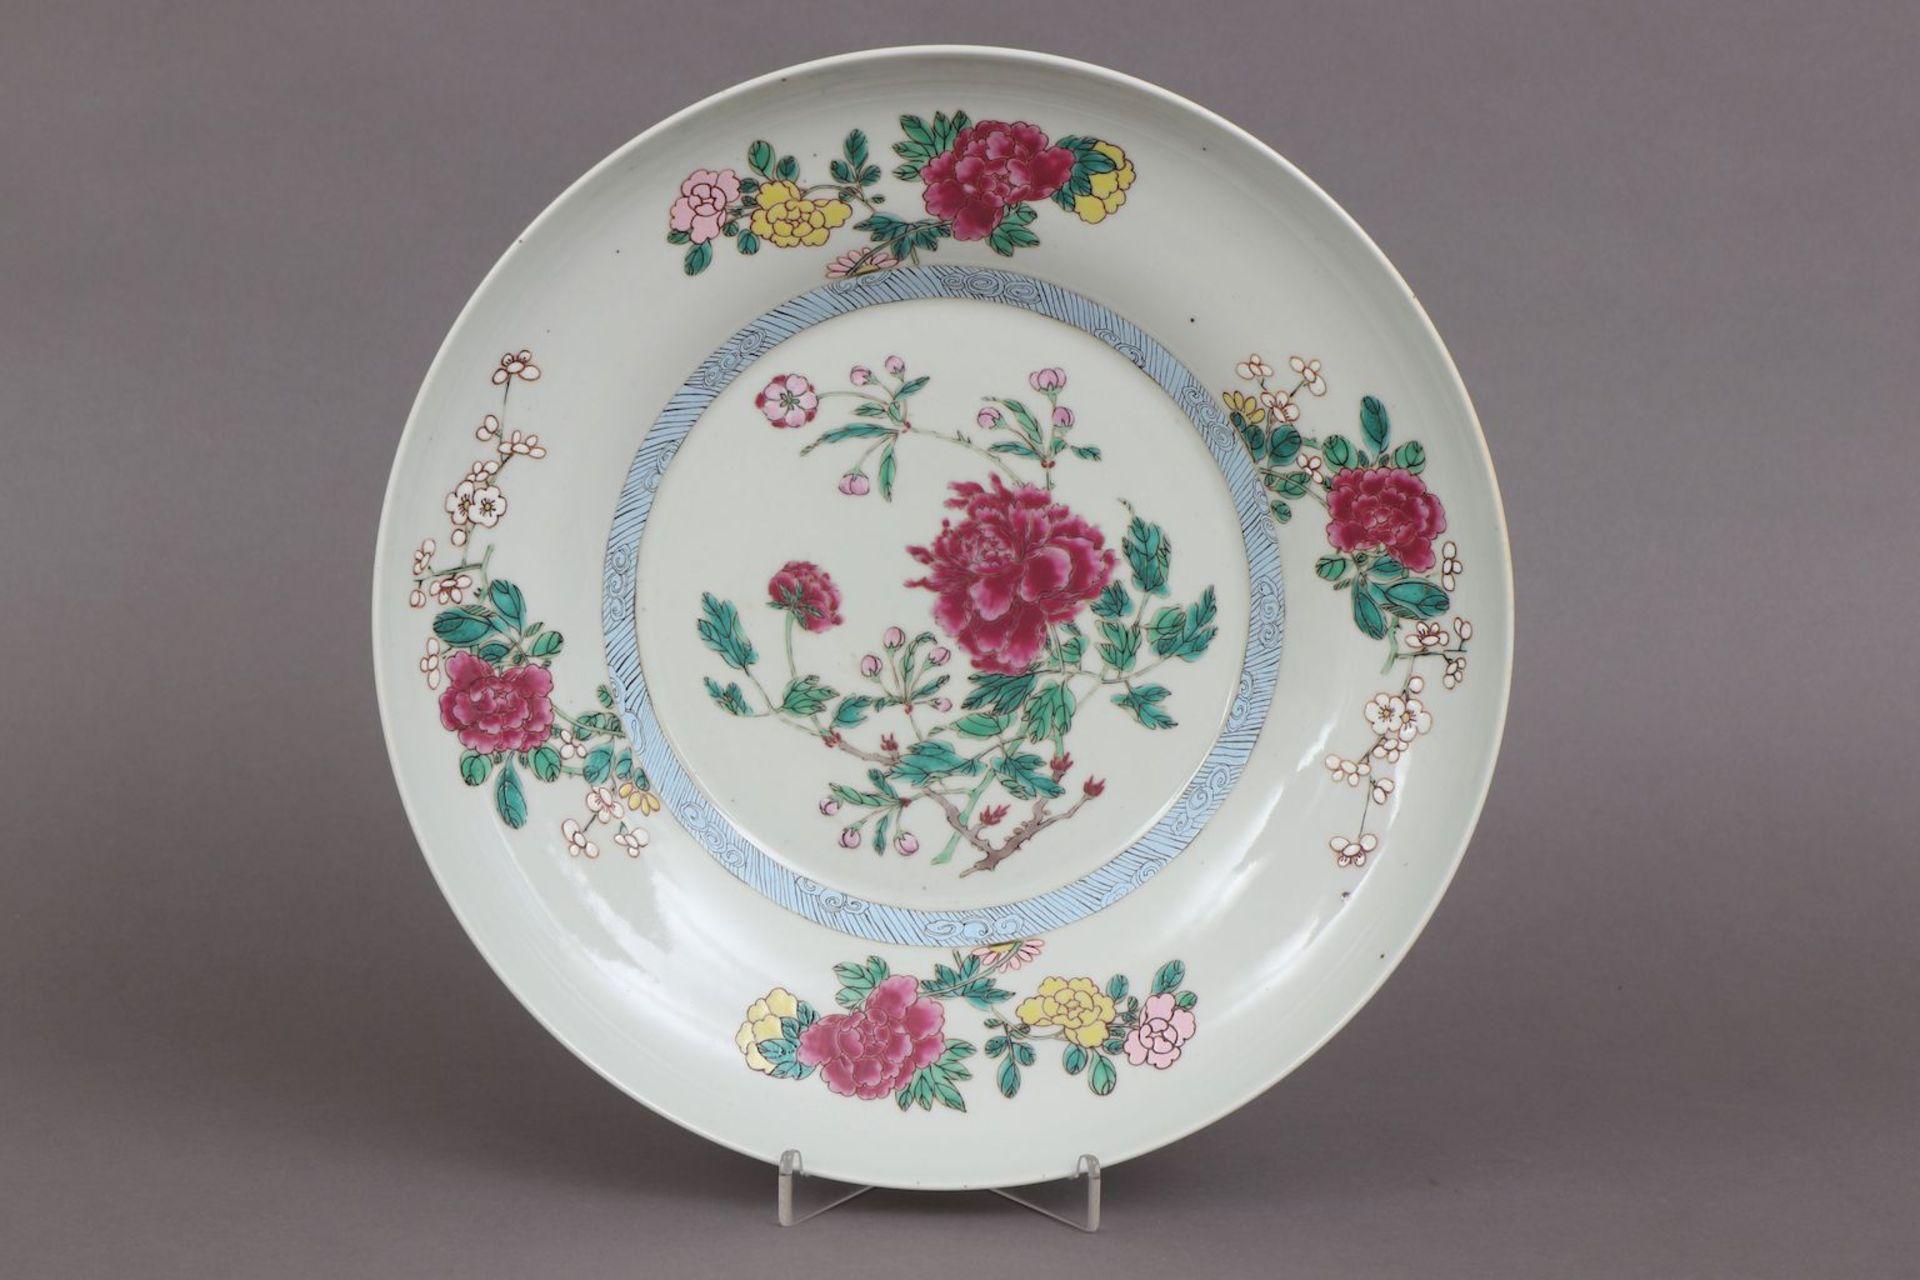 Chinesischer Porzellanteller - Image 2 of 4